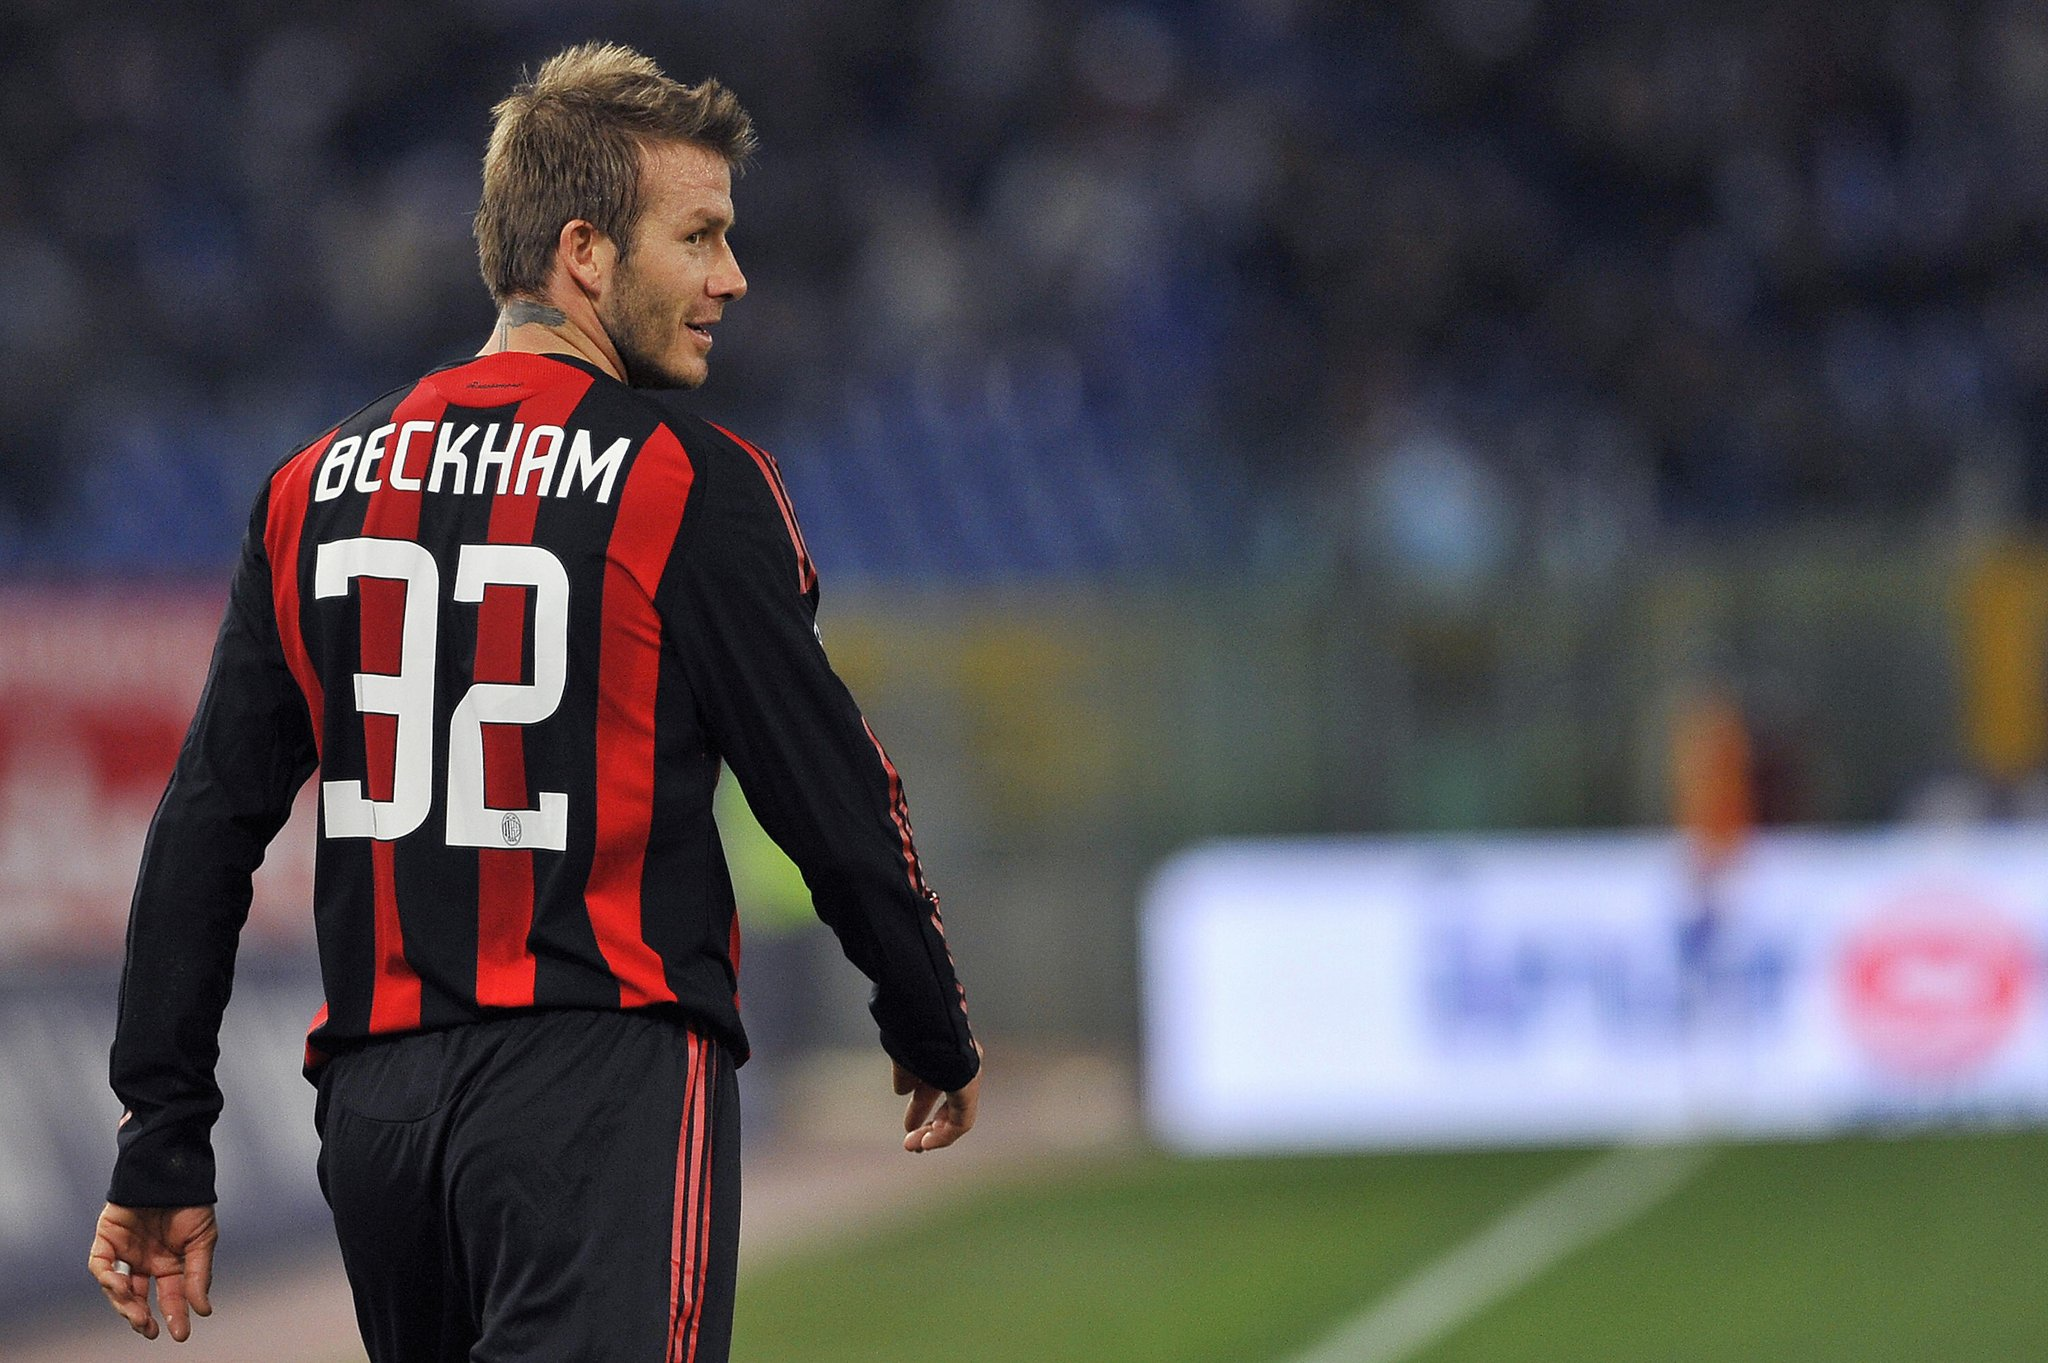 Milan deny Beckham rumours